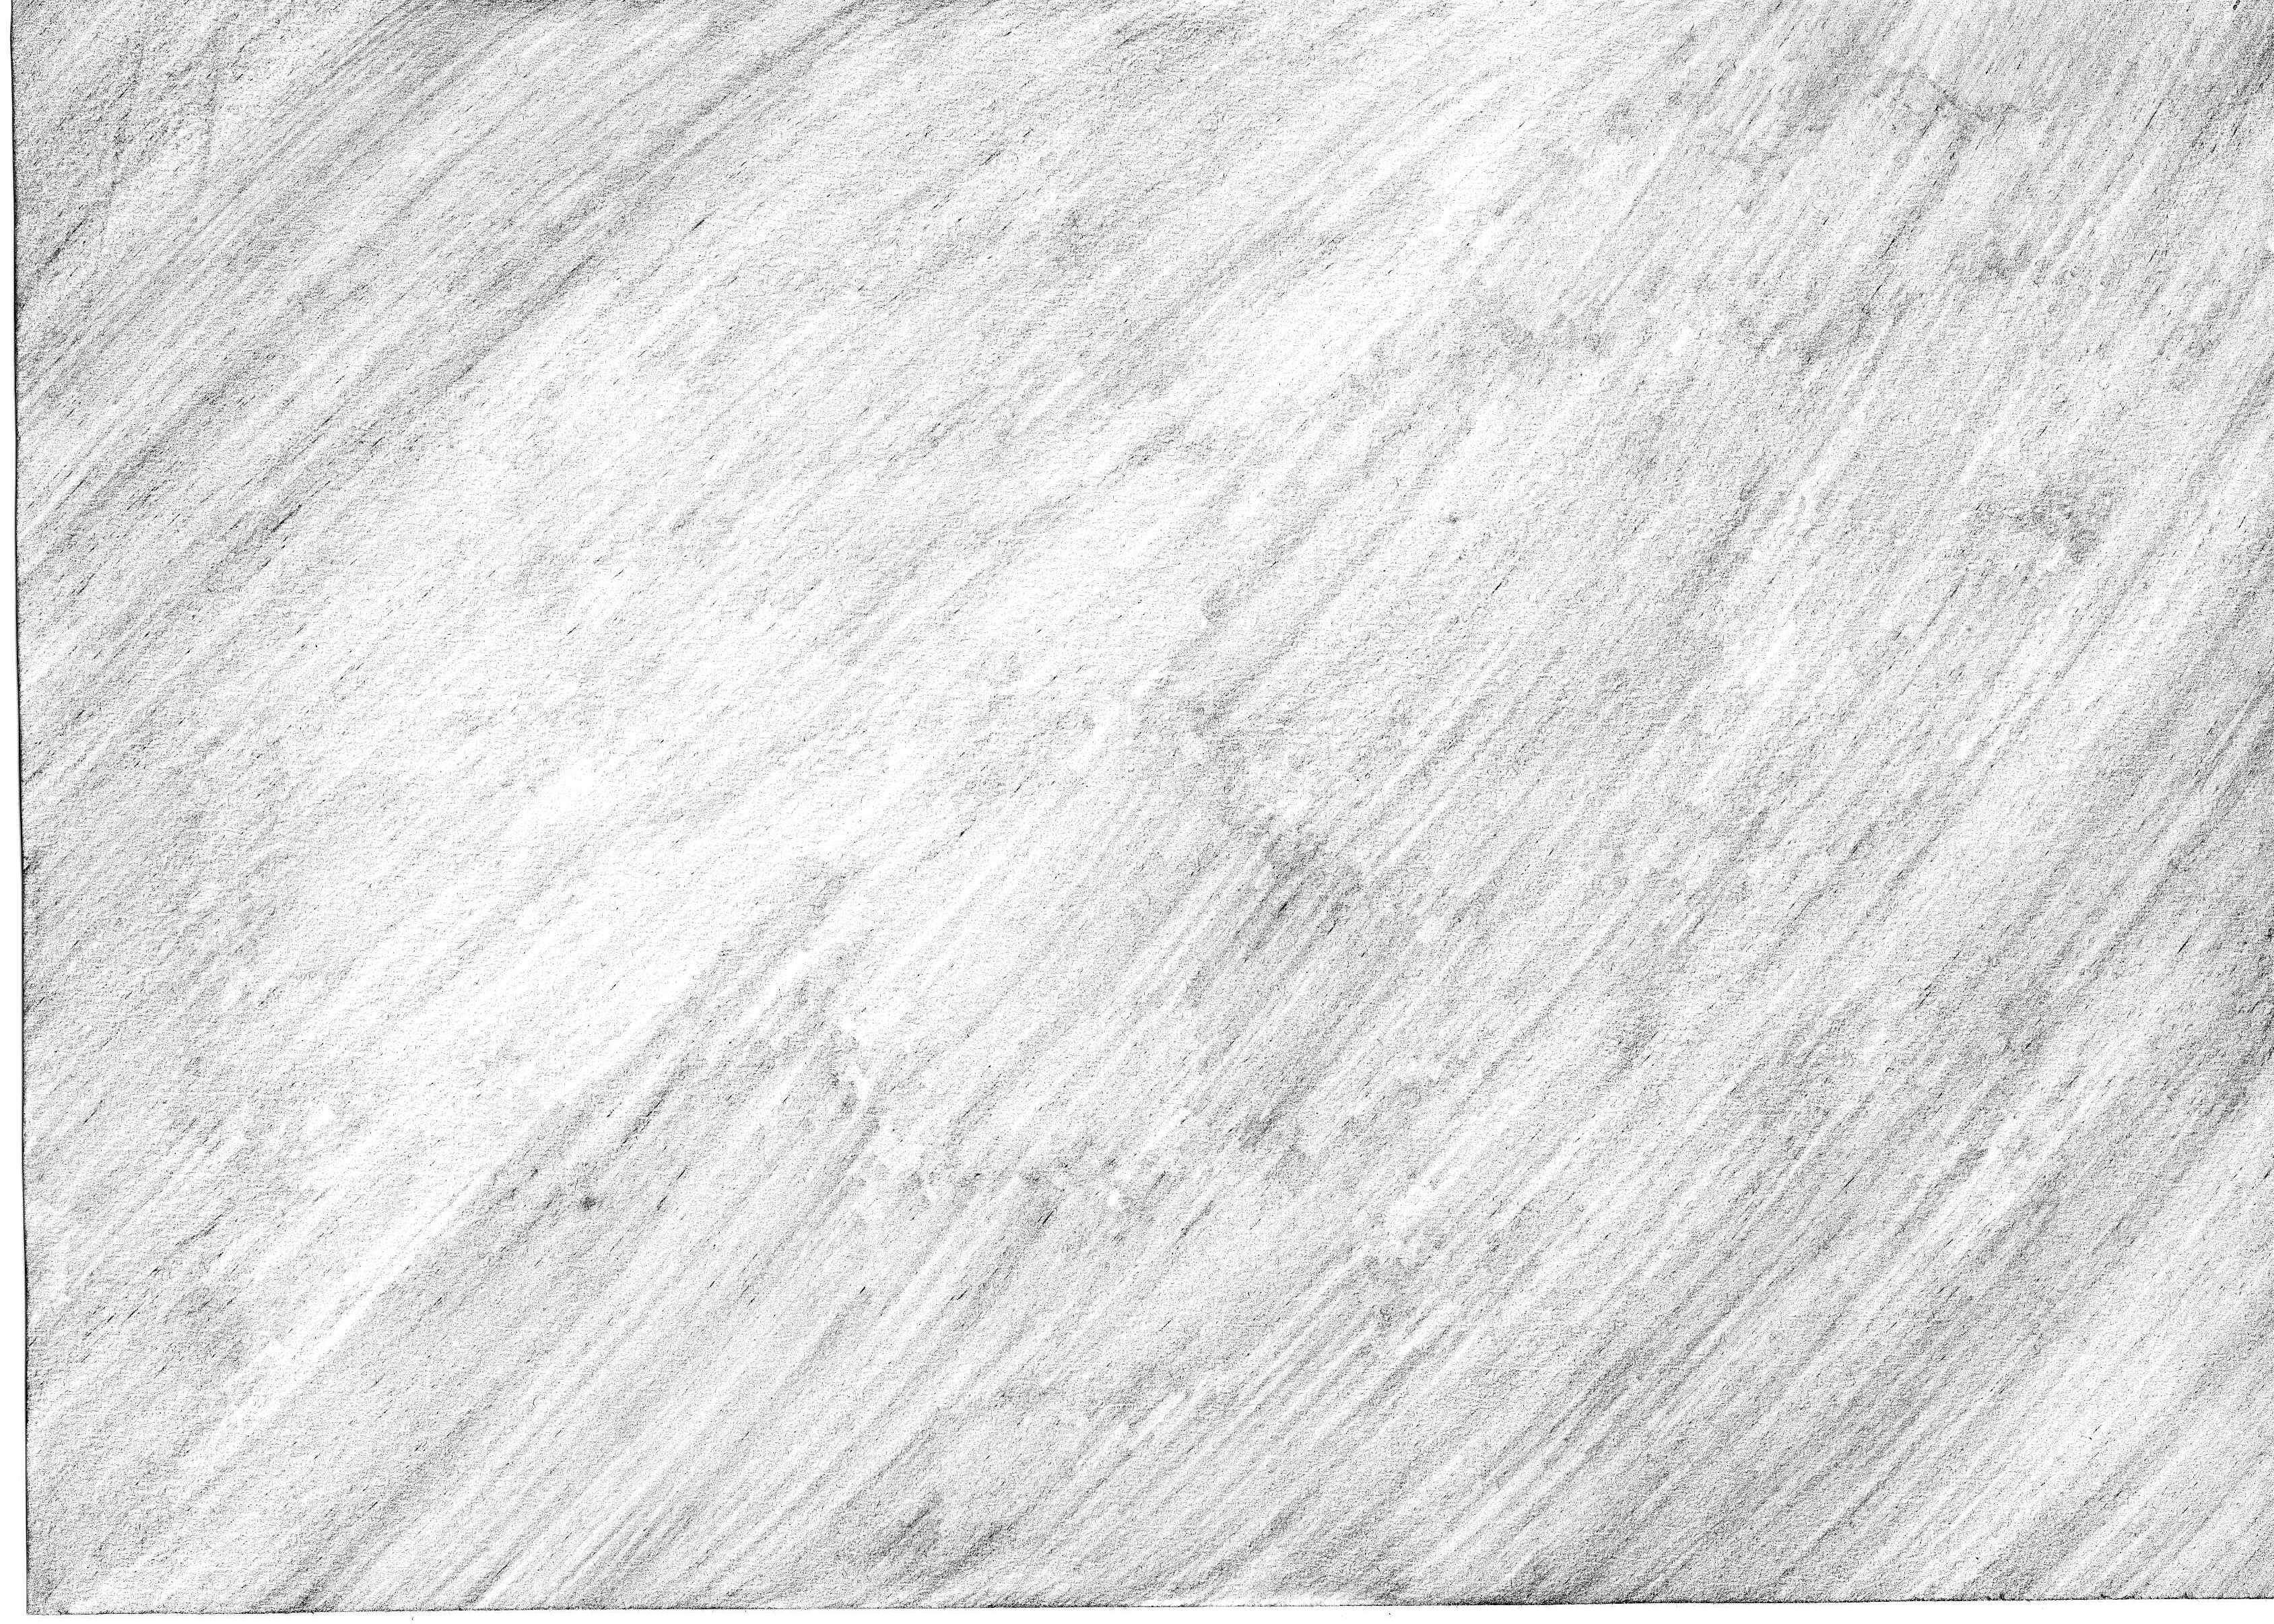 картинки на фон карандашом использование проса